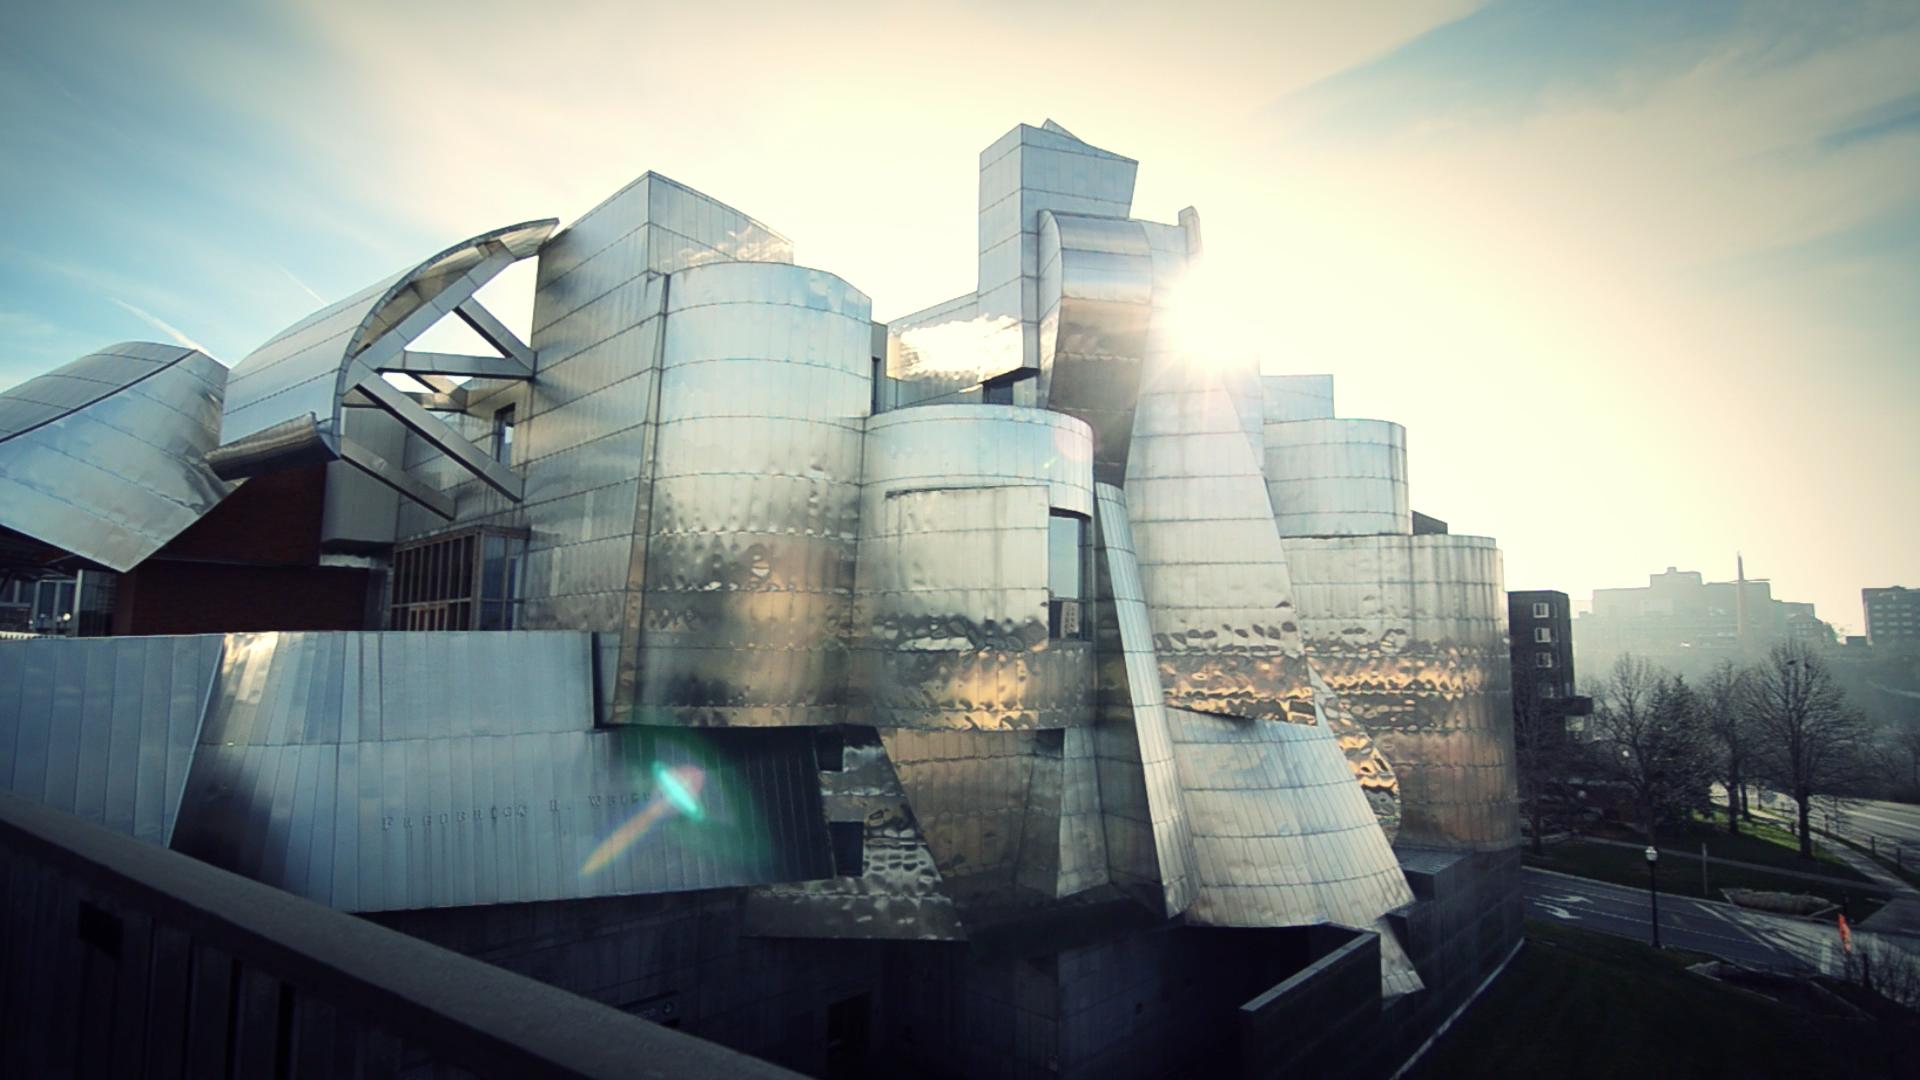 Weisman Art Museum | Frank O. Gehry